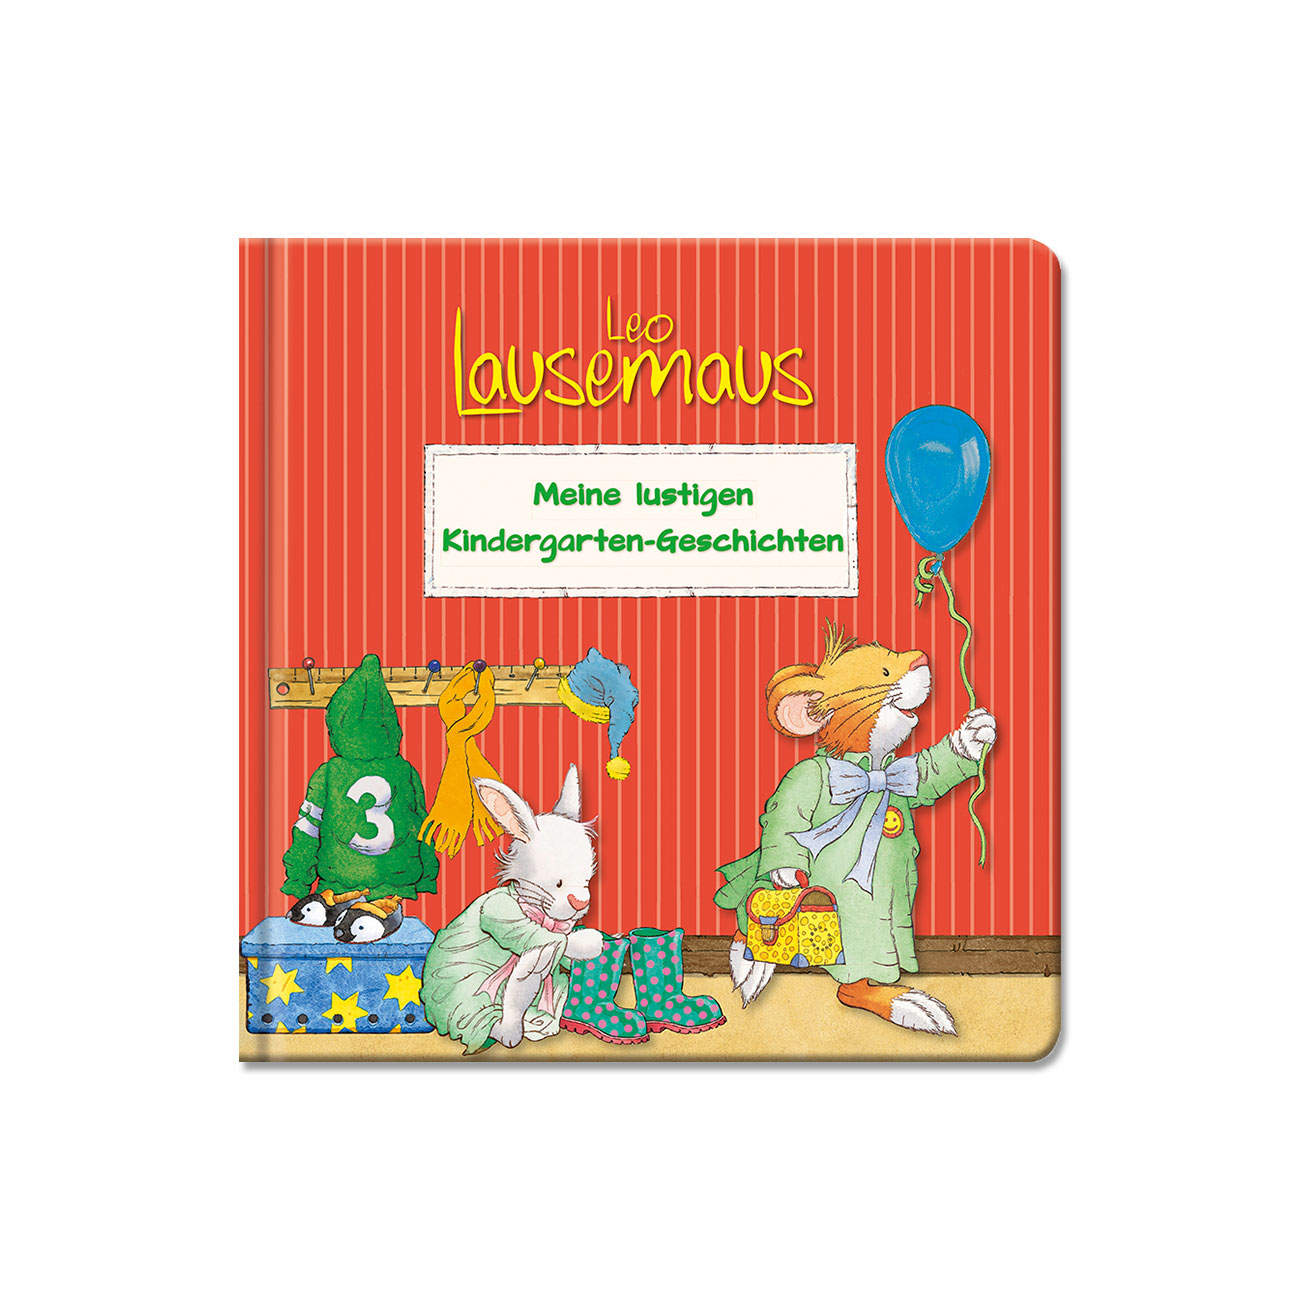 Leo Lausemaus - Kindergarten-Geschichten